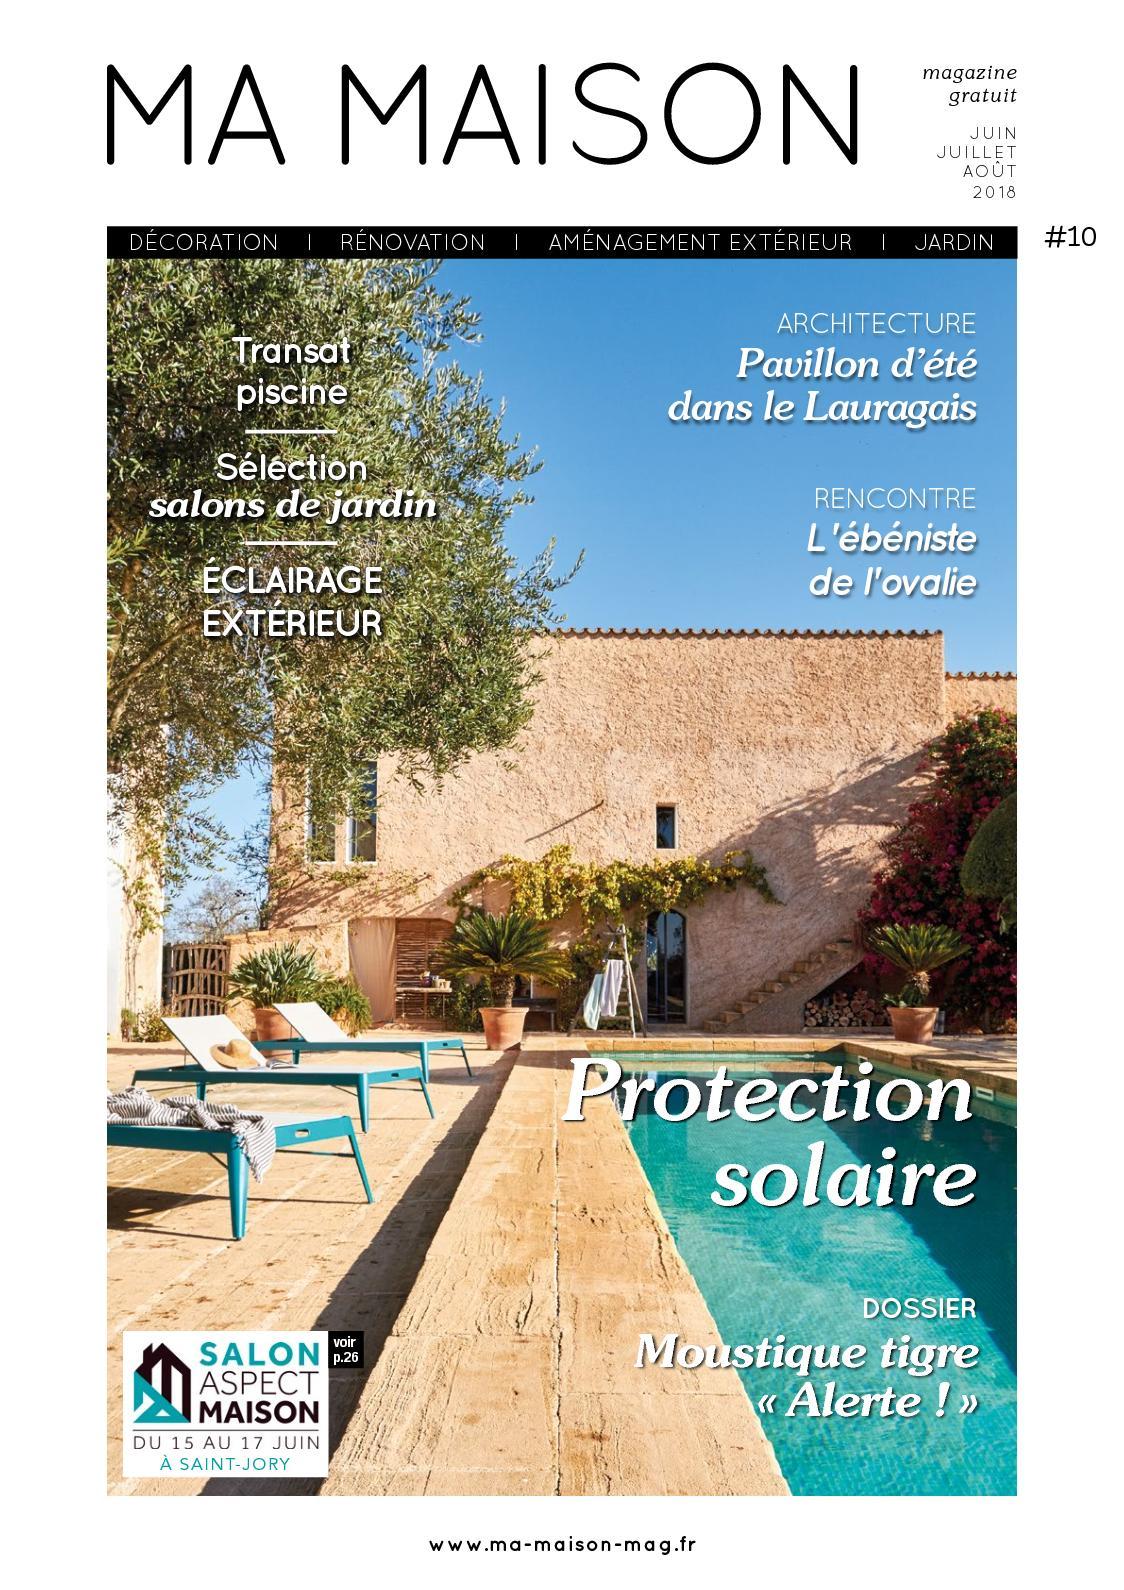 Arche Pour Fleurs Grimpantes Leroy Merlin calaméo - ma maison magazine gratuit numero 10